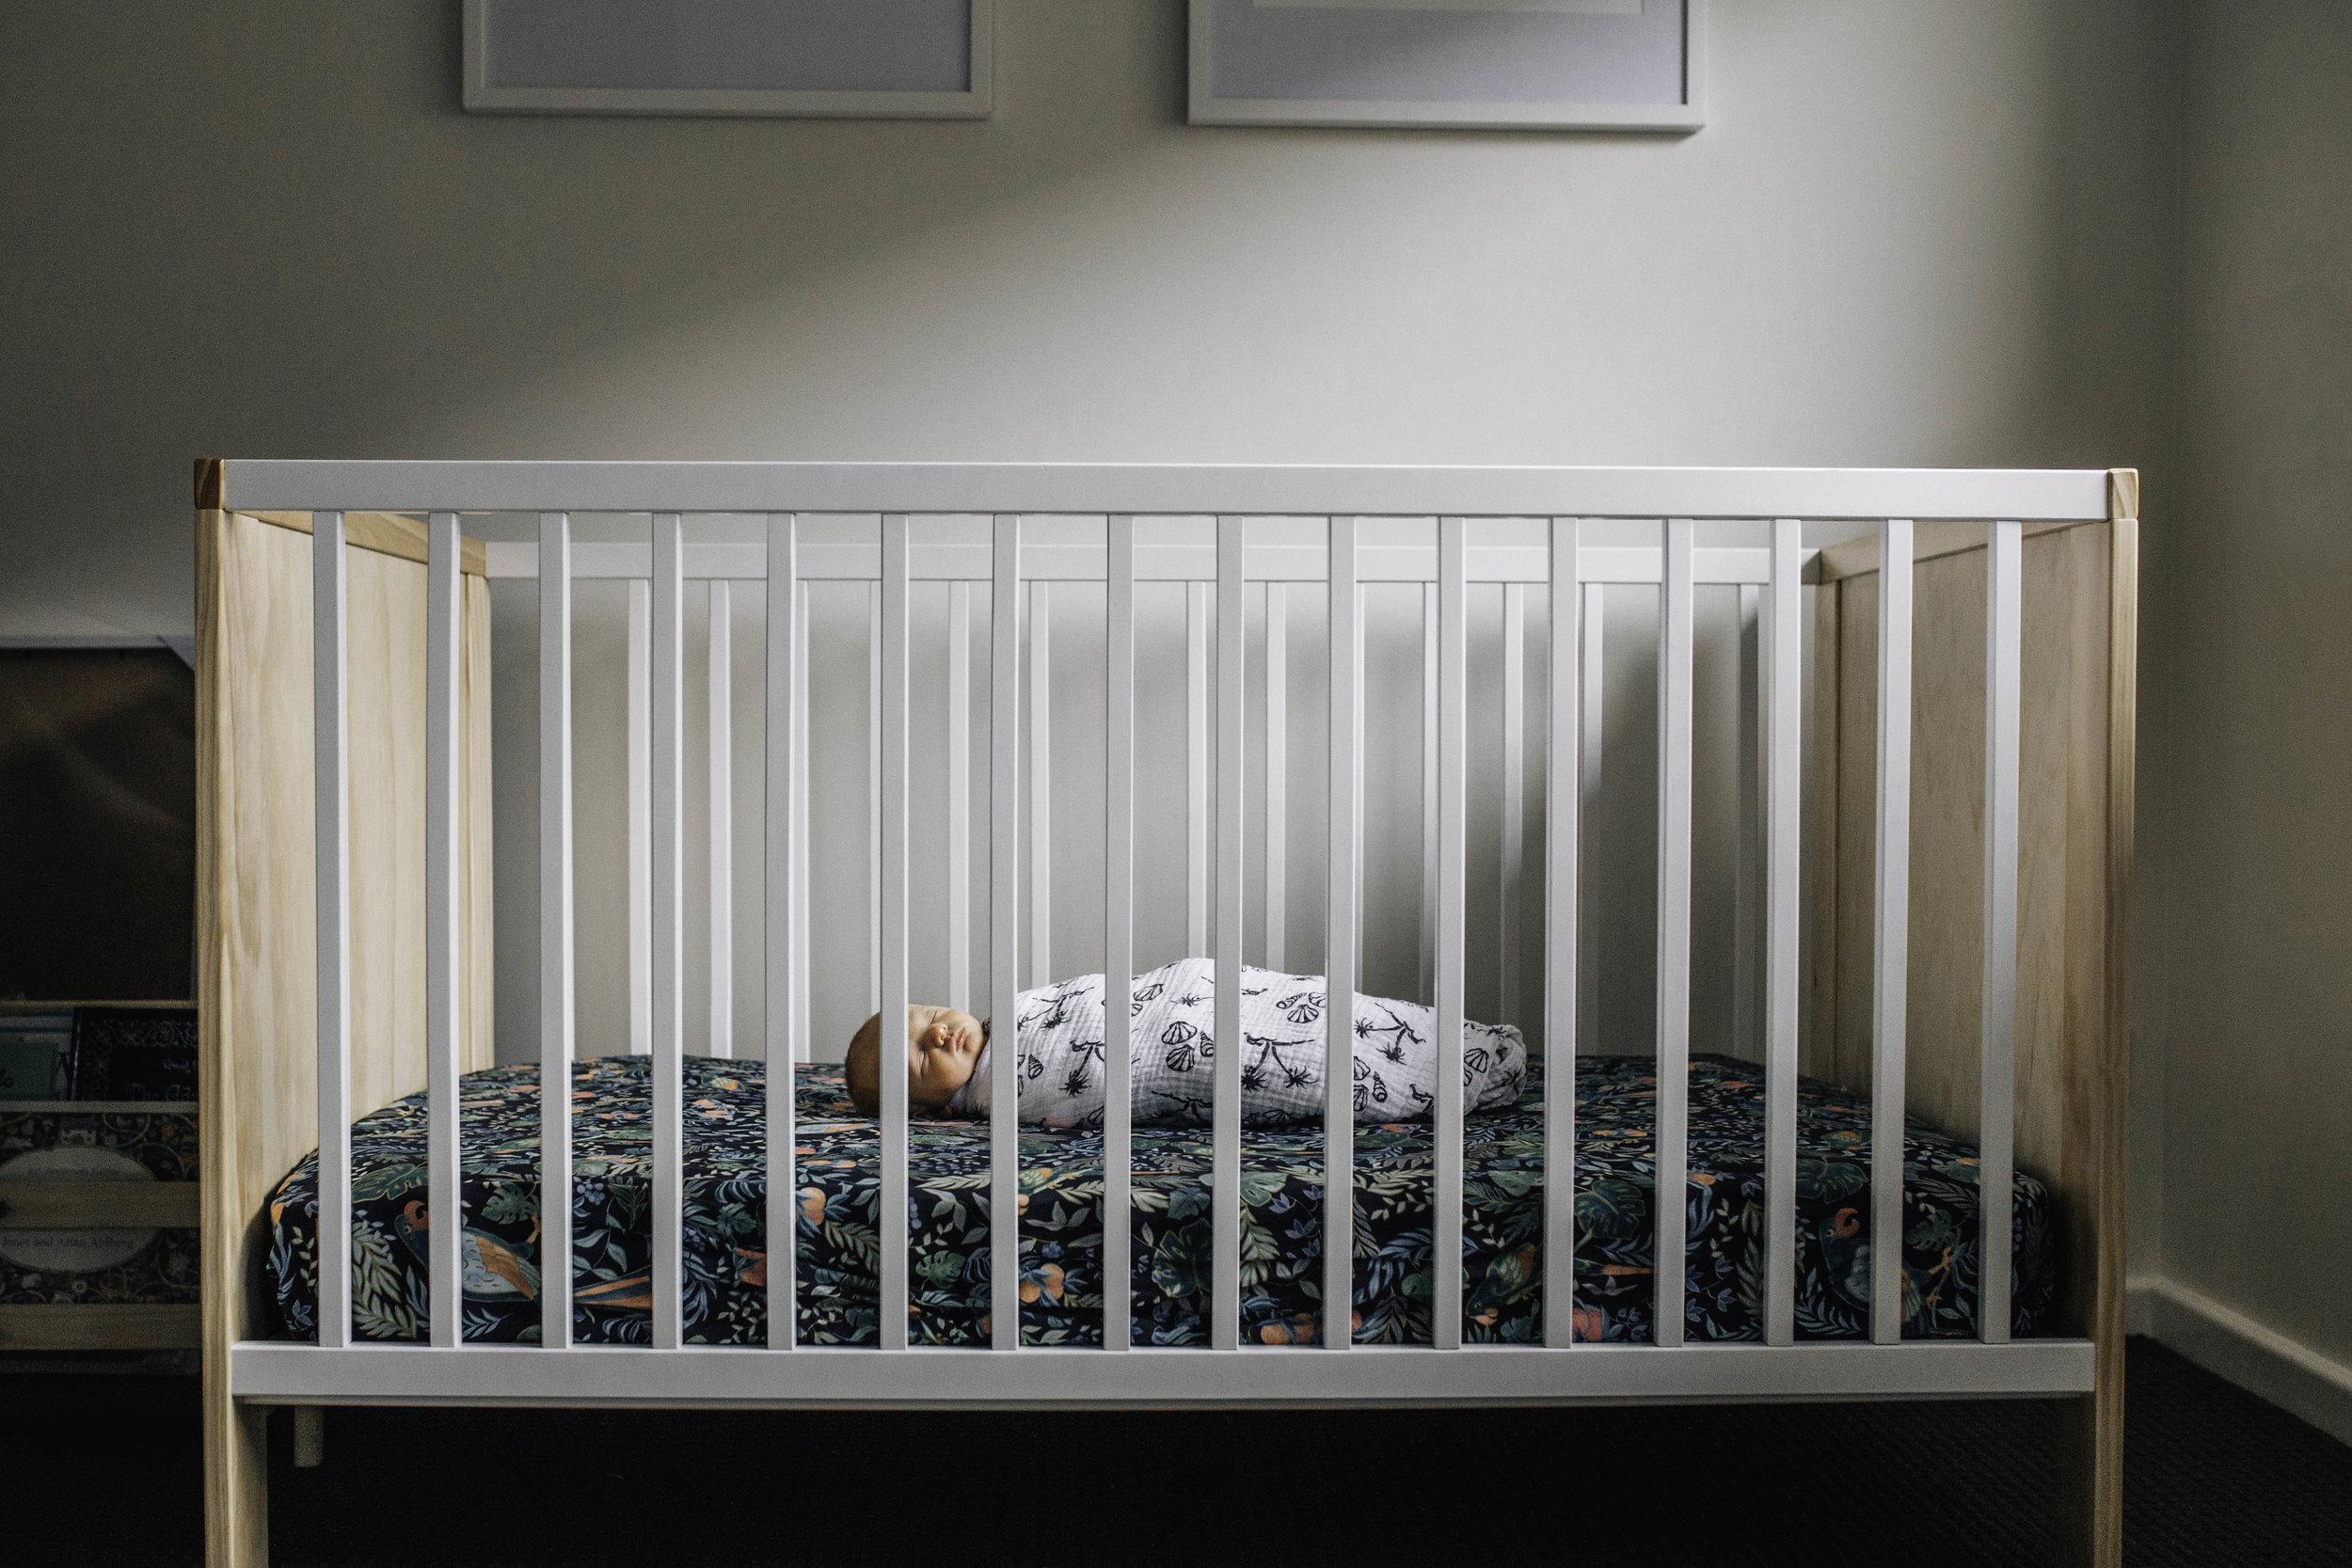 baby-sleeping-in-cot-in-nursery.jpg